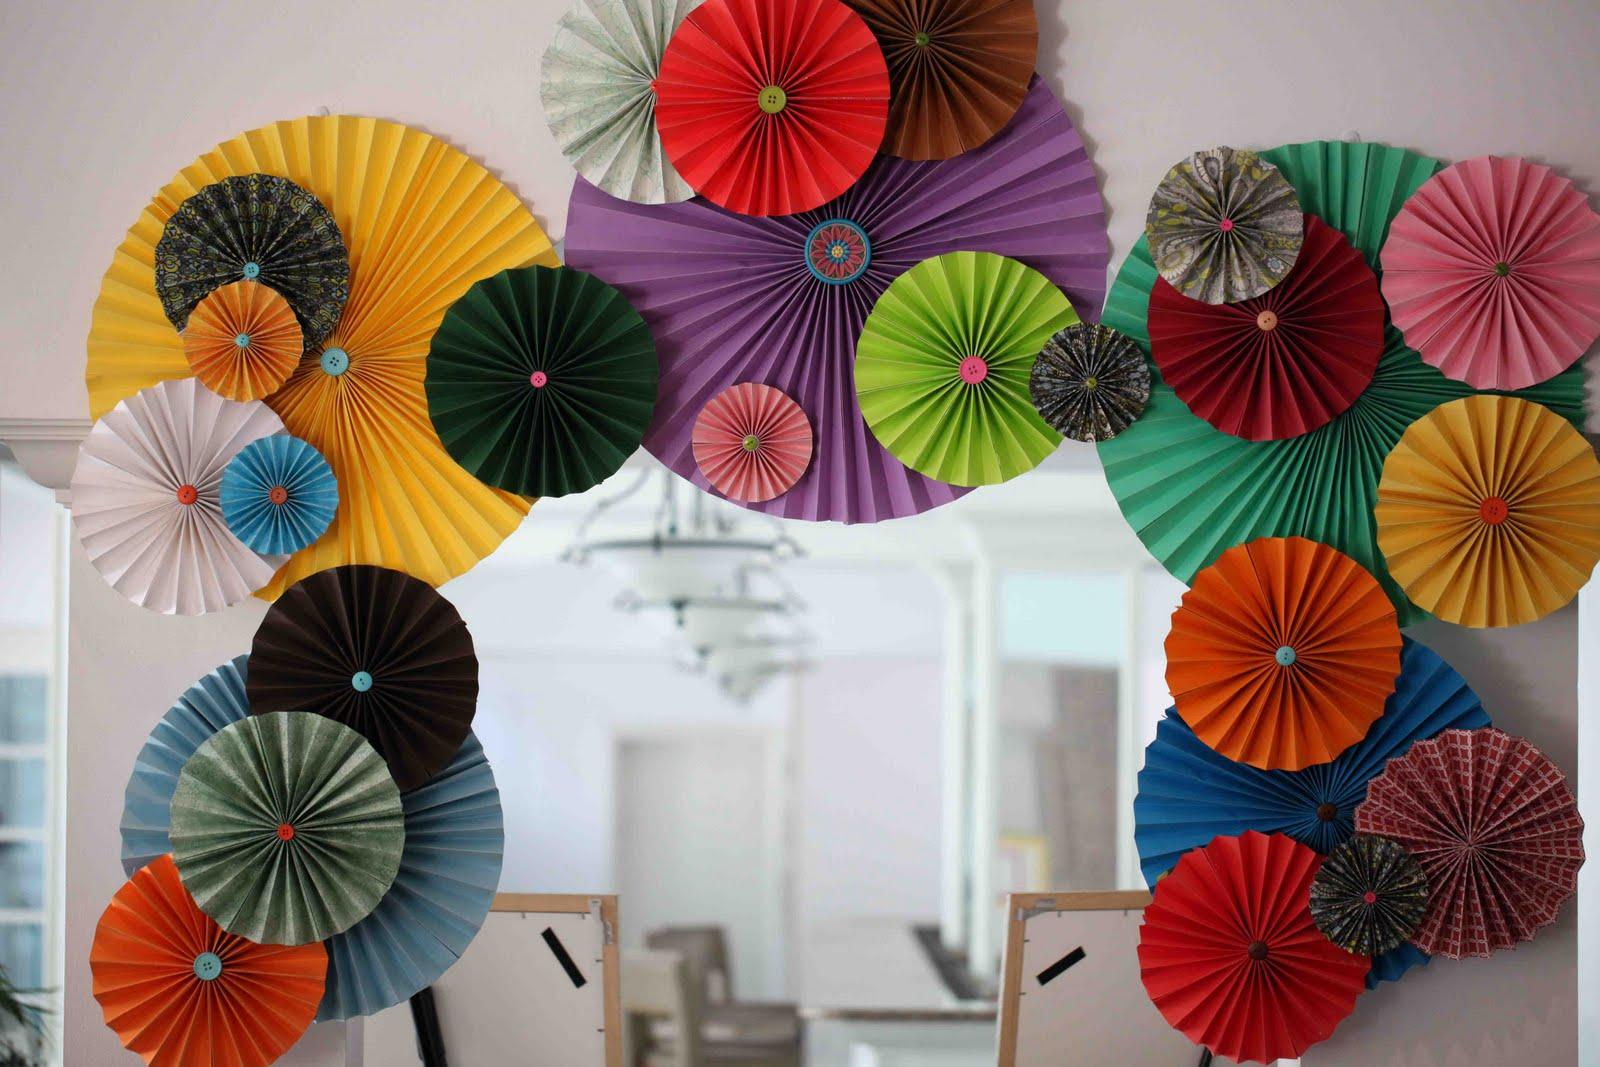 DIY Paper Fan Decorations : お正月 折り紙 折り方 : すべての折り紙